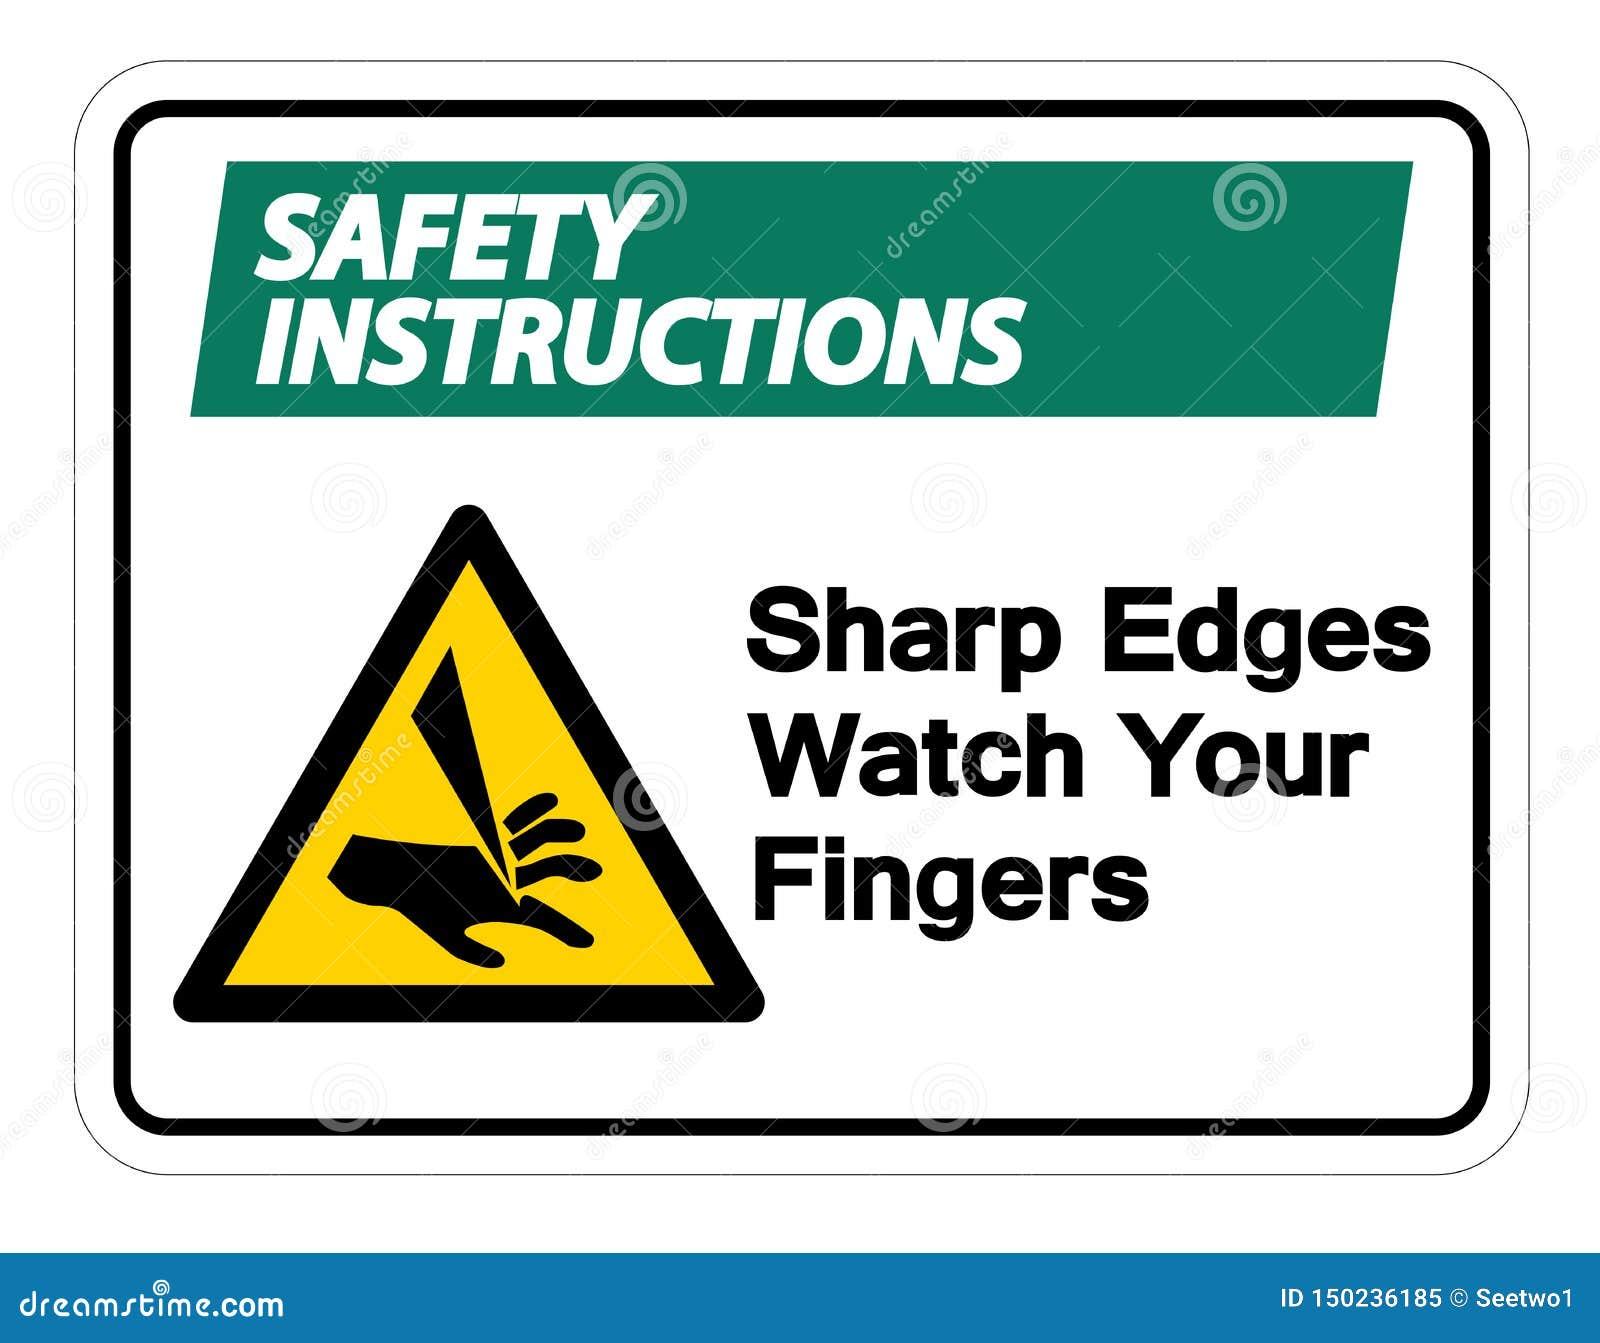 Οι οδηγίες ασφάλειας που οι αιχμηρές άκρες προσέχουν το σημάδι συμβόλων δάχτυλών σας απομονώνουν στο άσπρο υπόβαθρο, διανυσματική